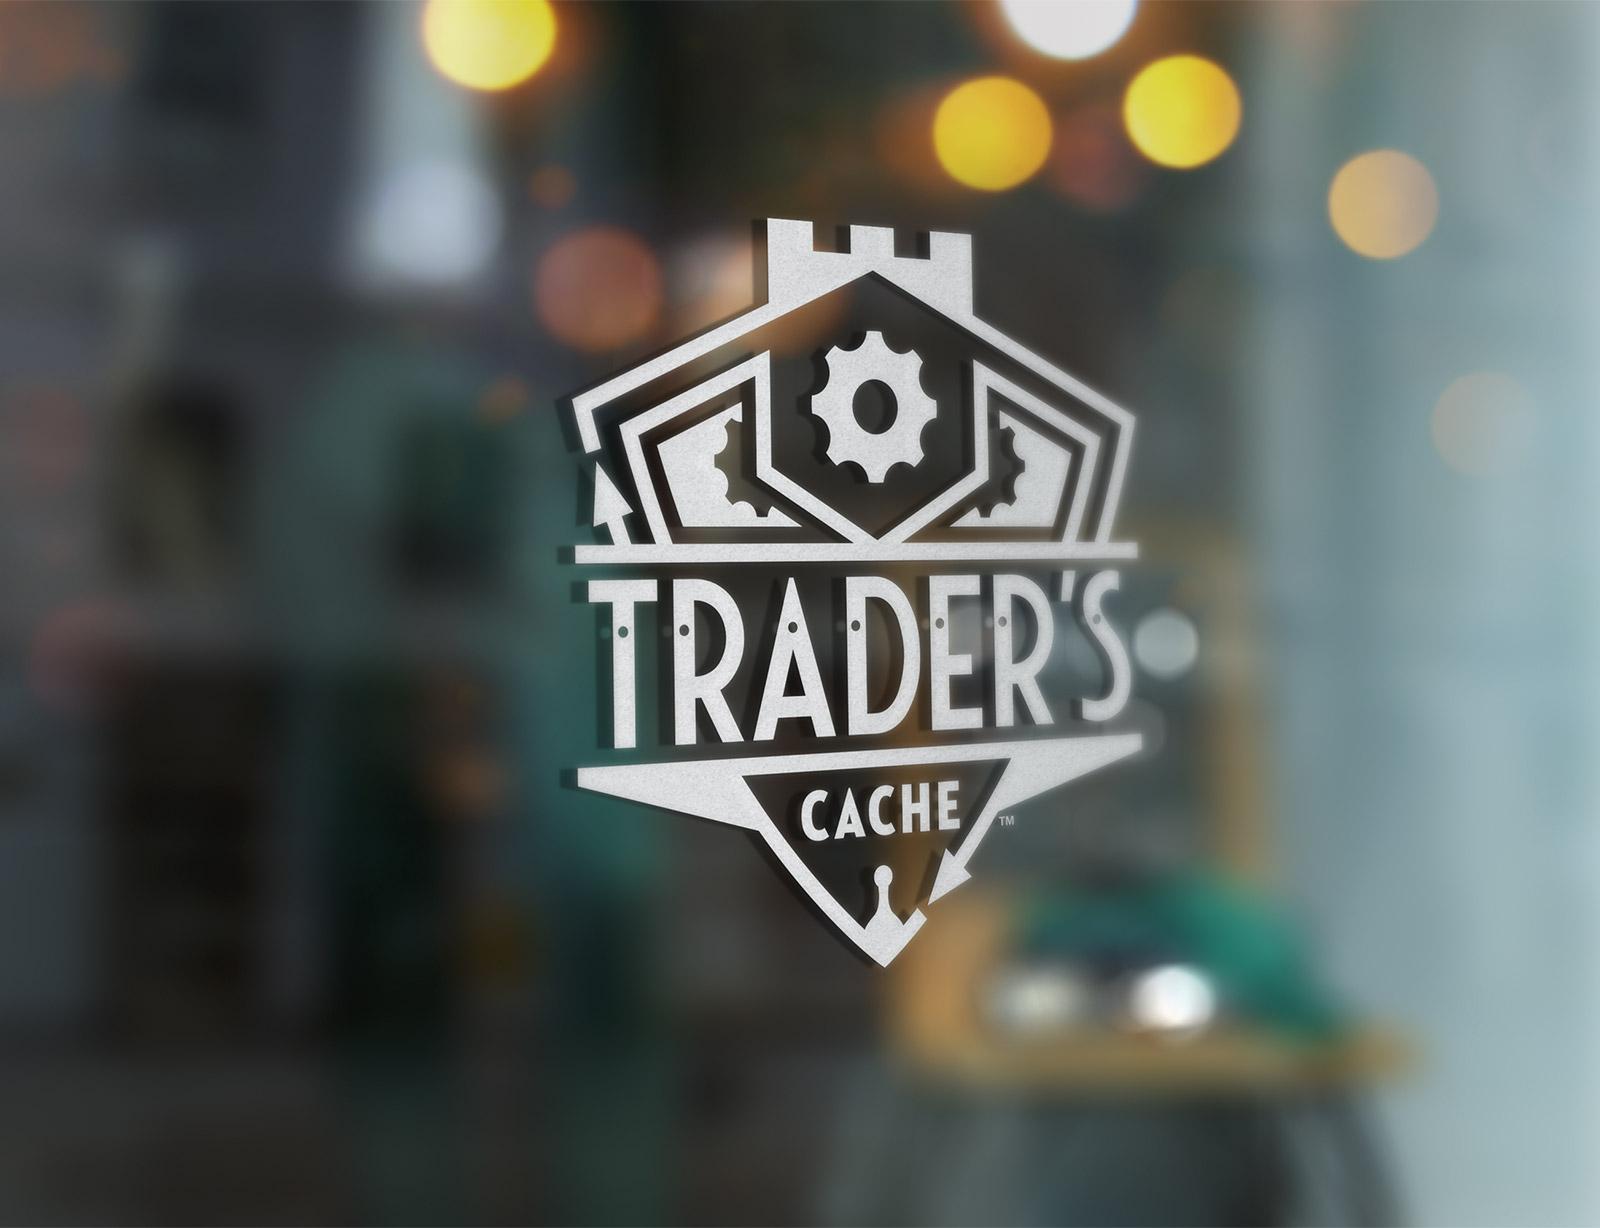 18 brand traderscache3